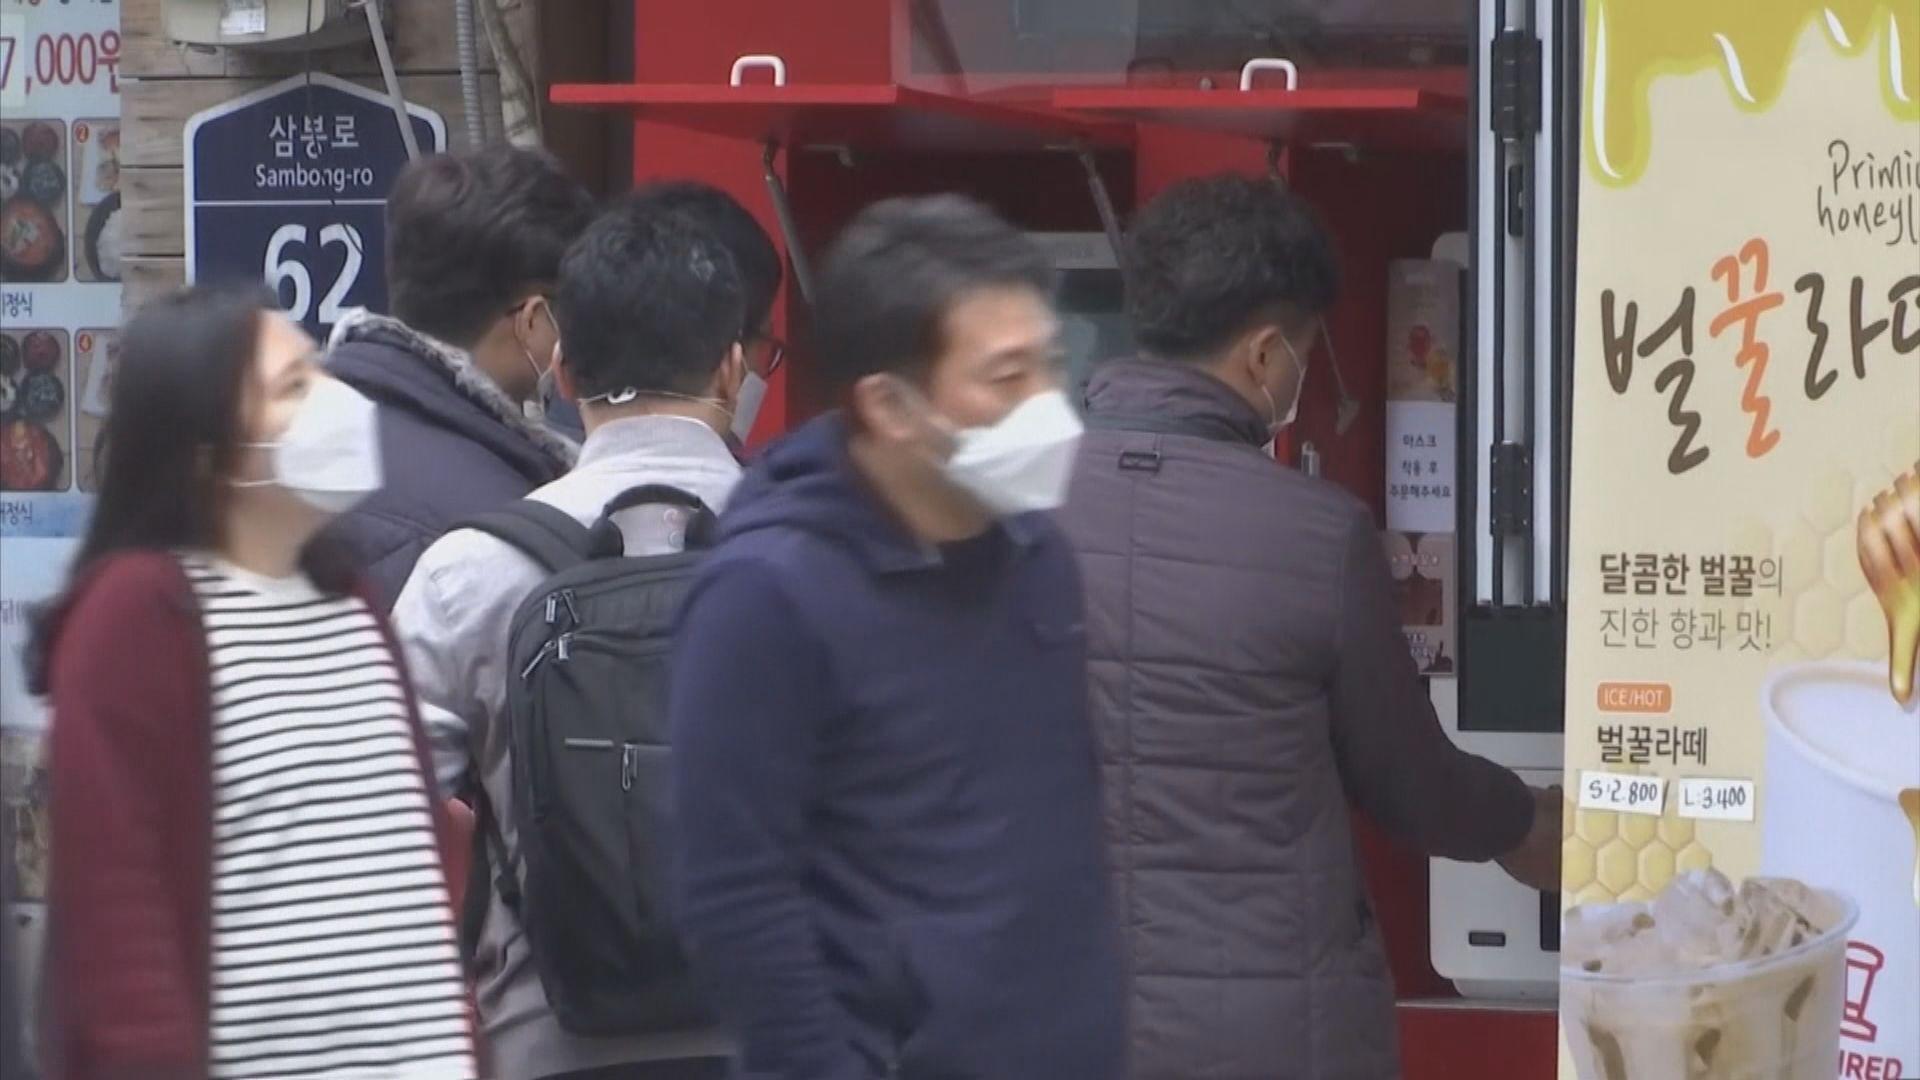 南韓單日新增1241宗新冠確診個案破紀錄